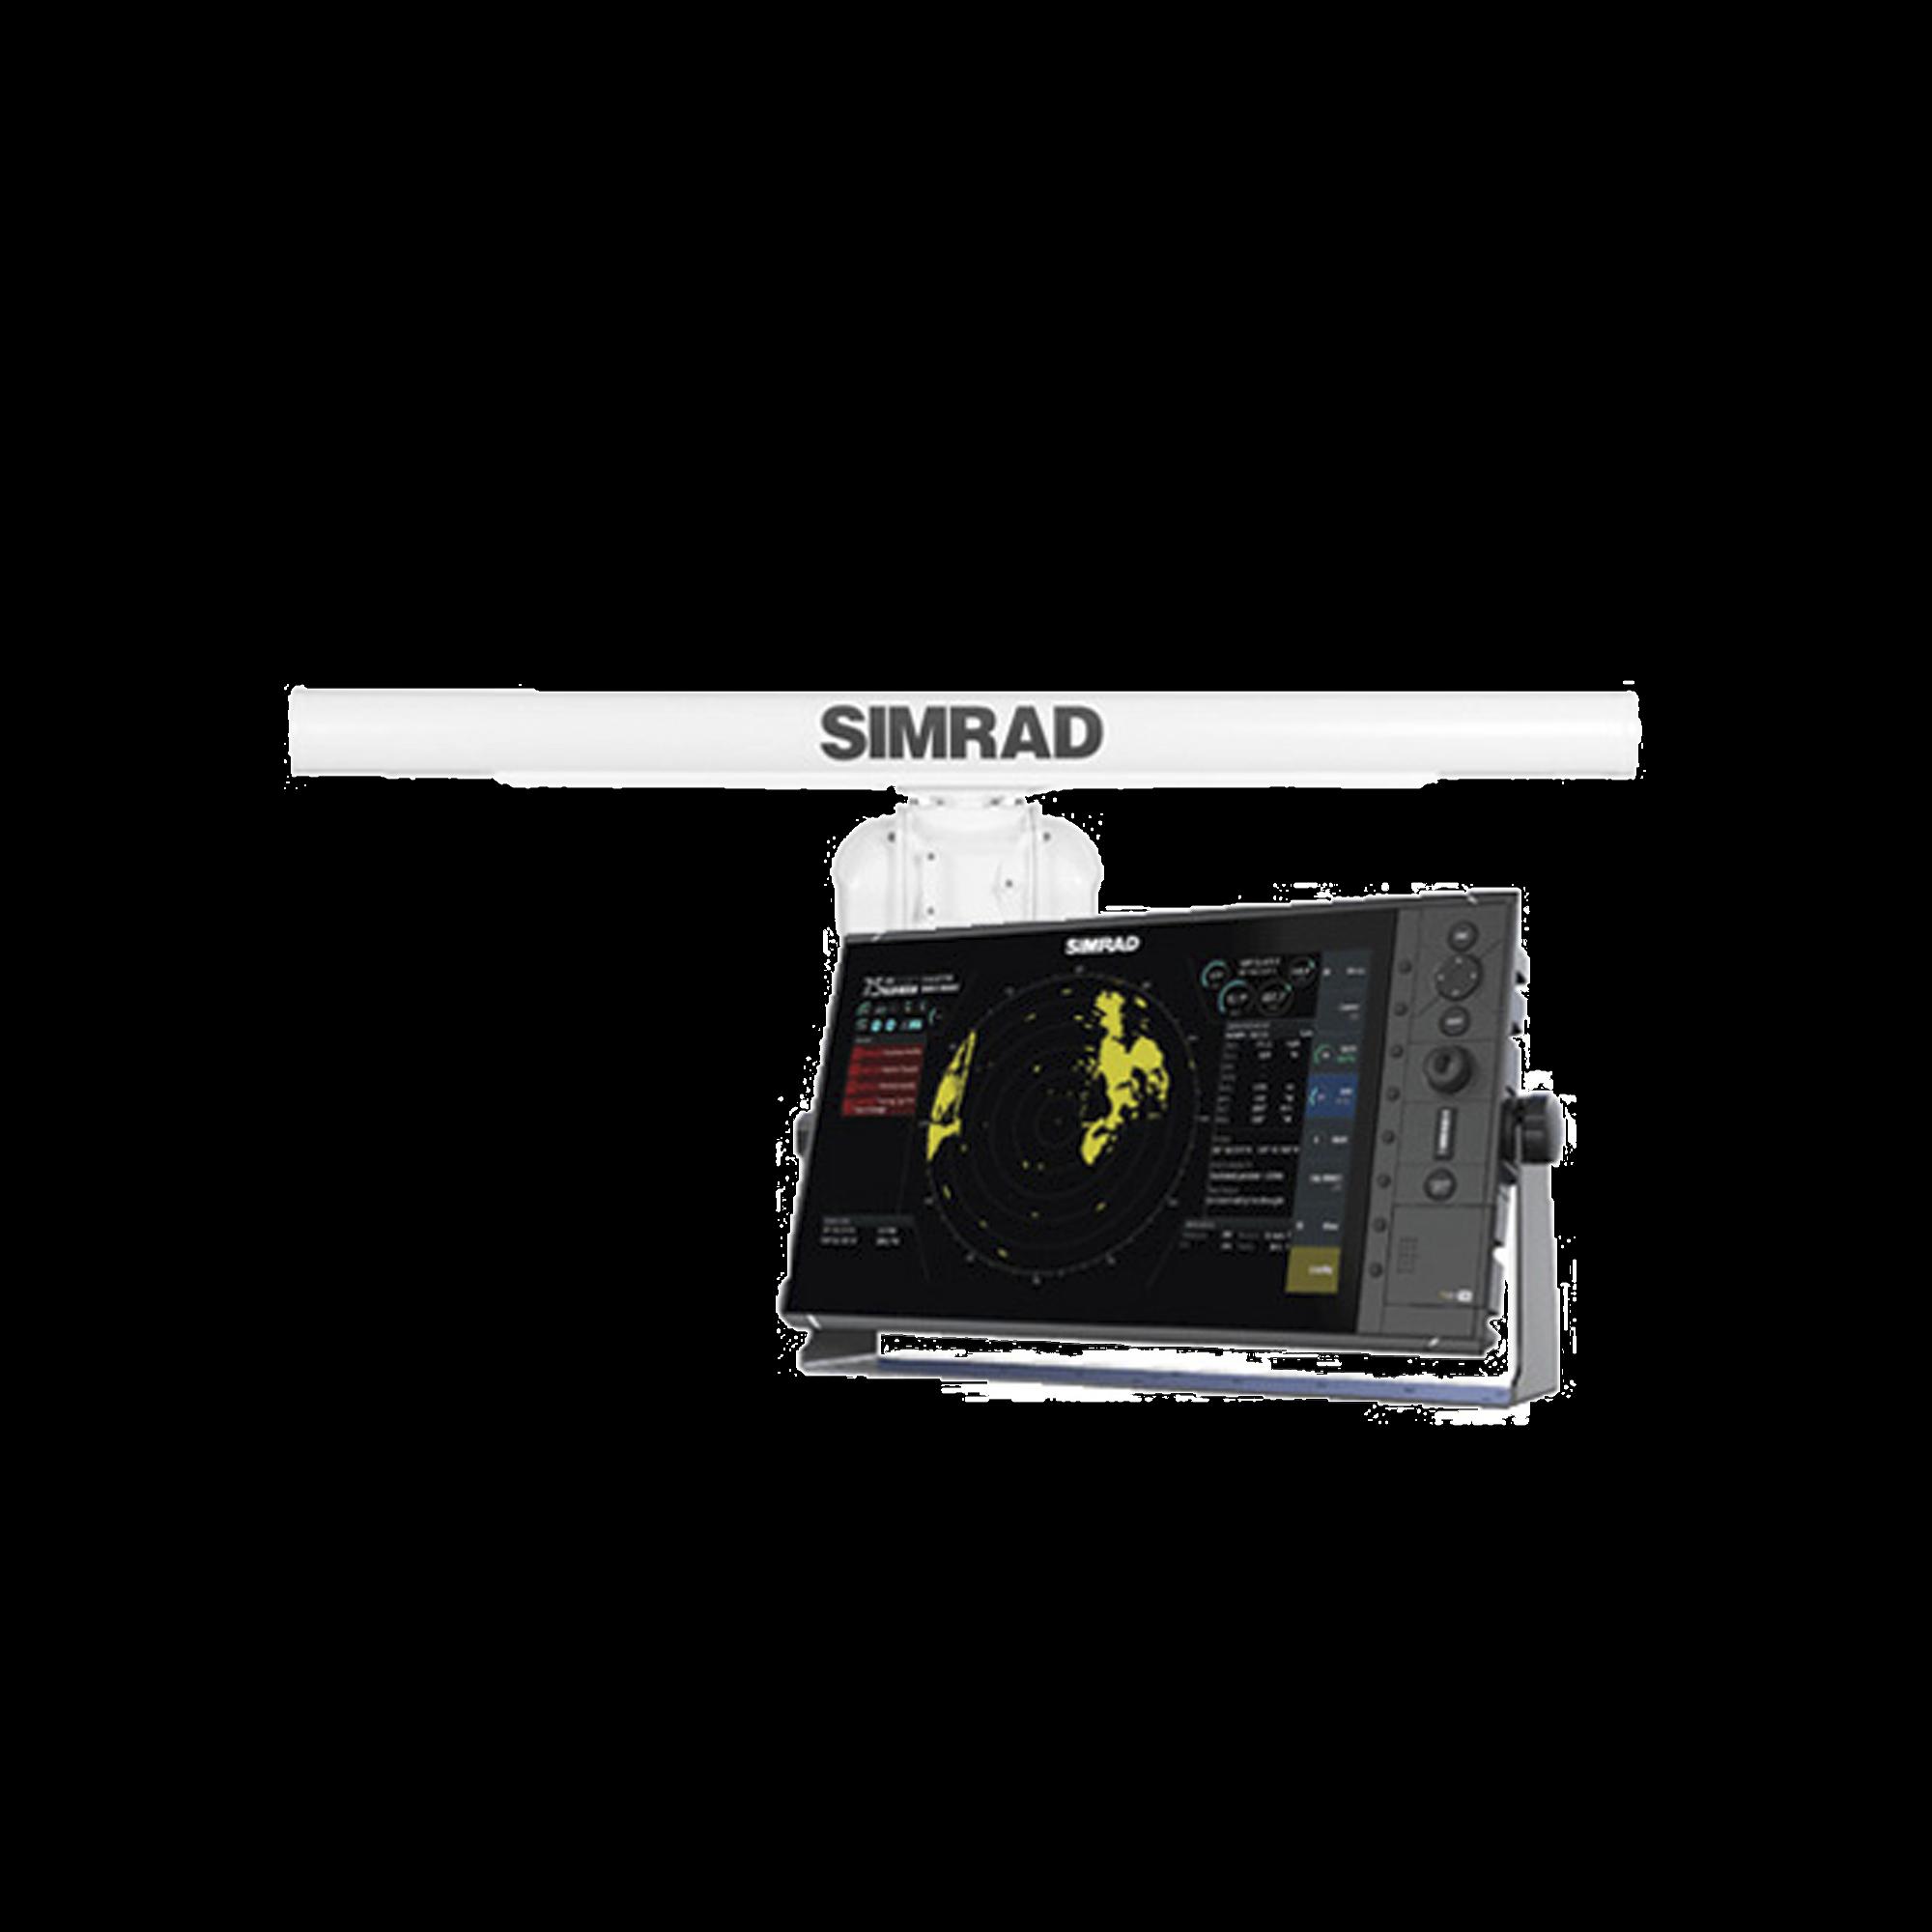 Kit de pantalla dedicada R3016 y radar de matriz abierta 25kW